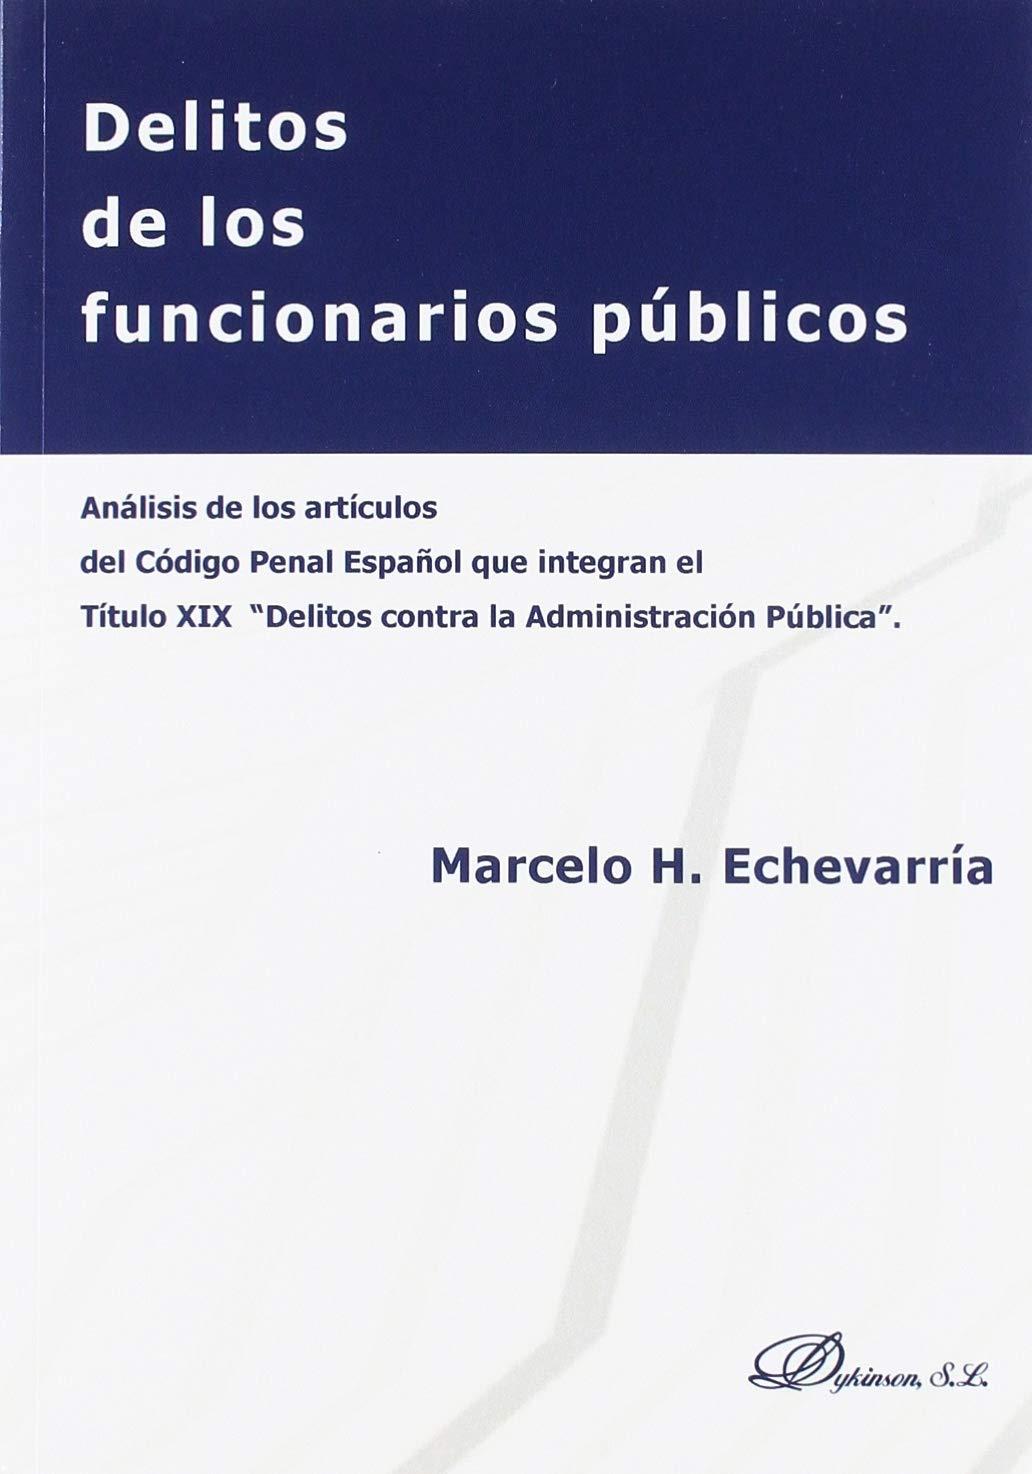 Delitos de los funcionarios públicos. Análisis de los artículos del Código Penal Español que integran el título XIX